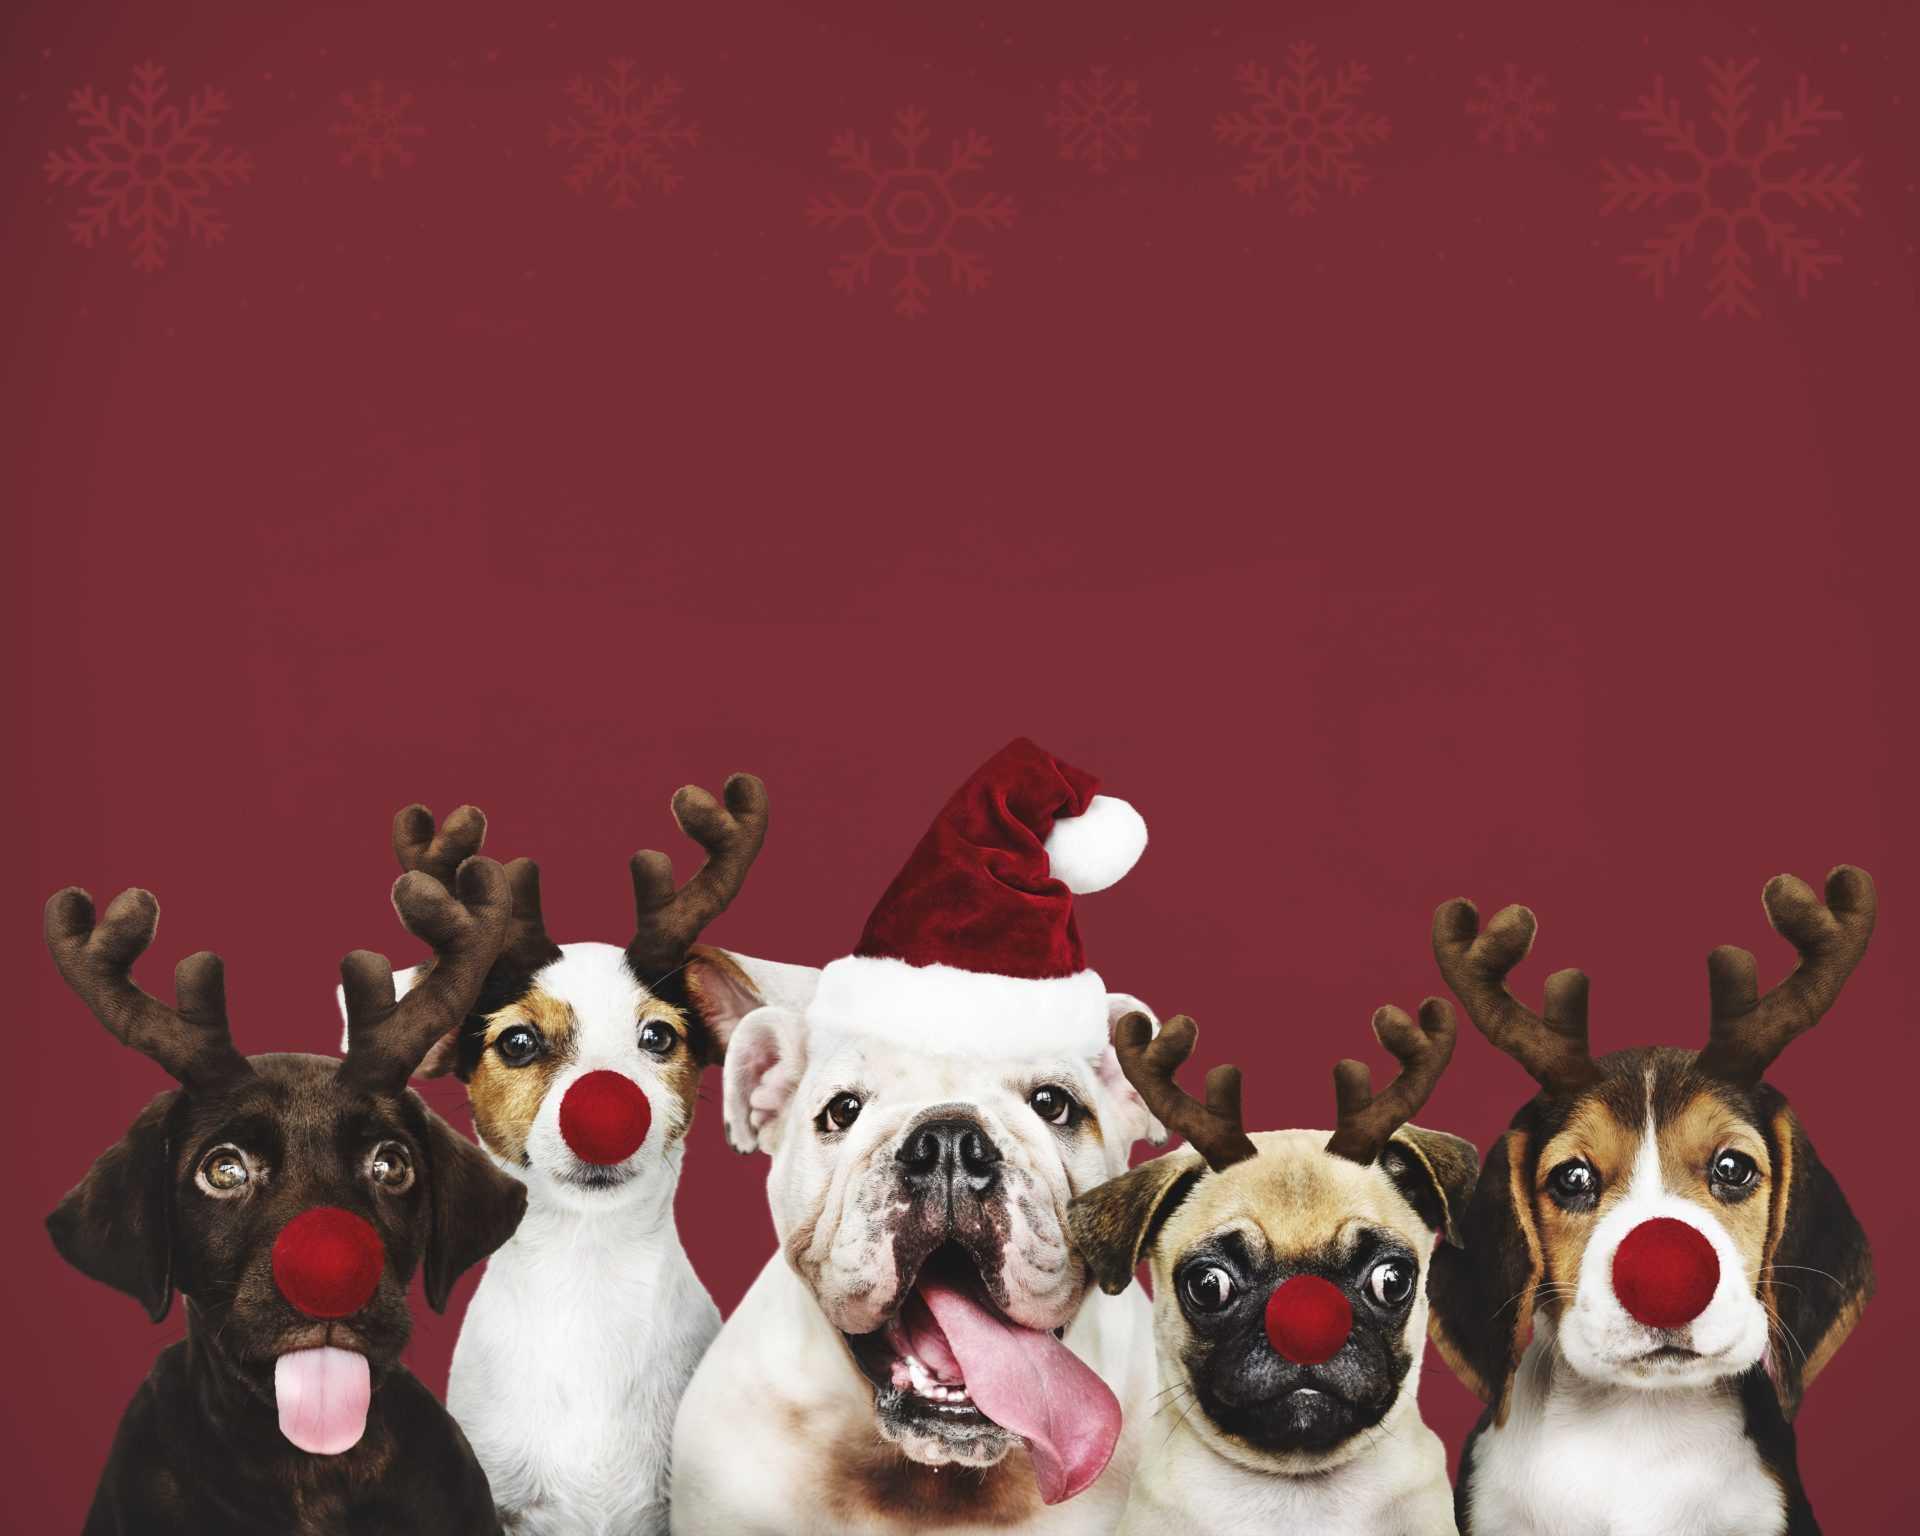 funny deer dogs